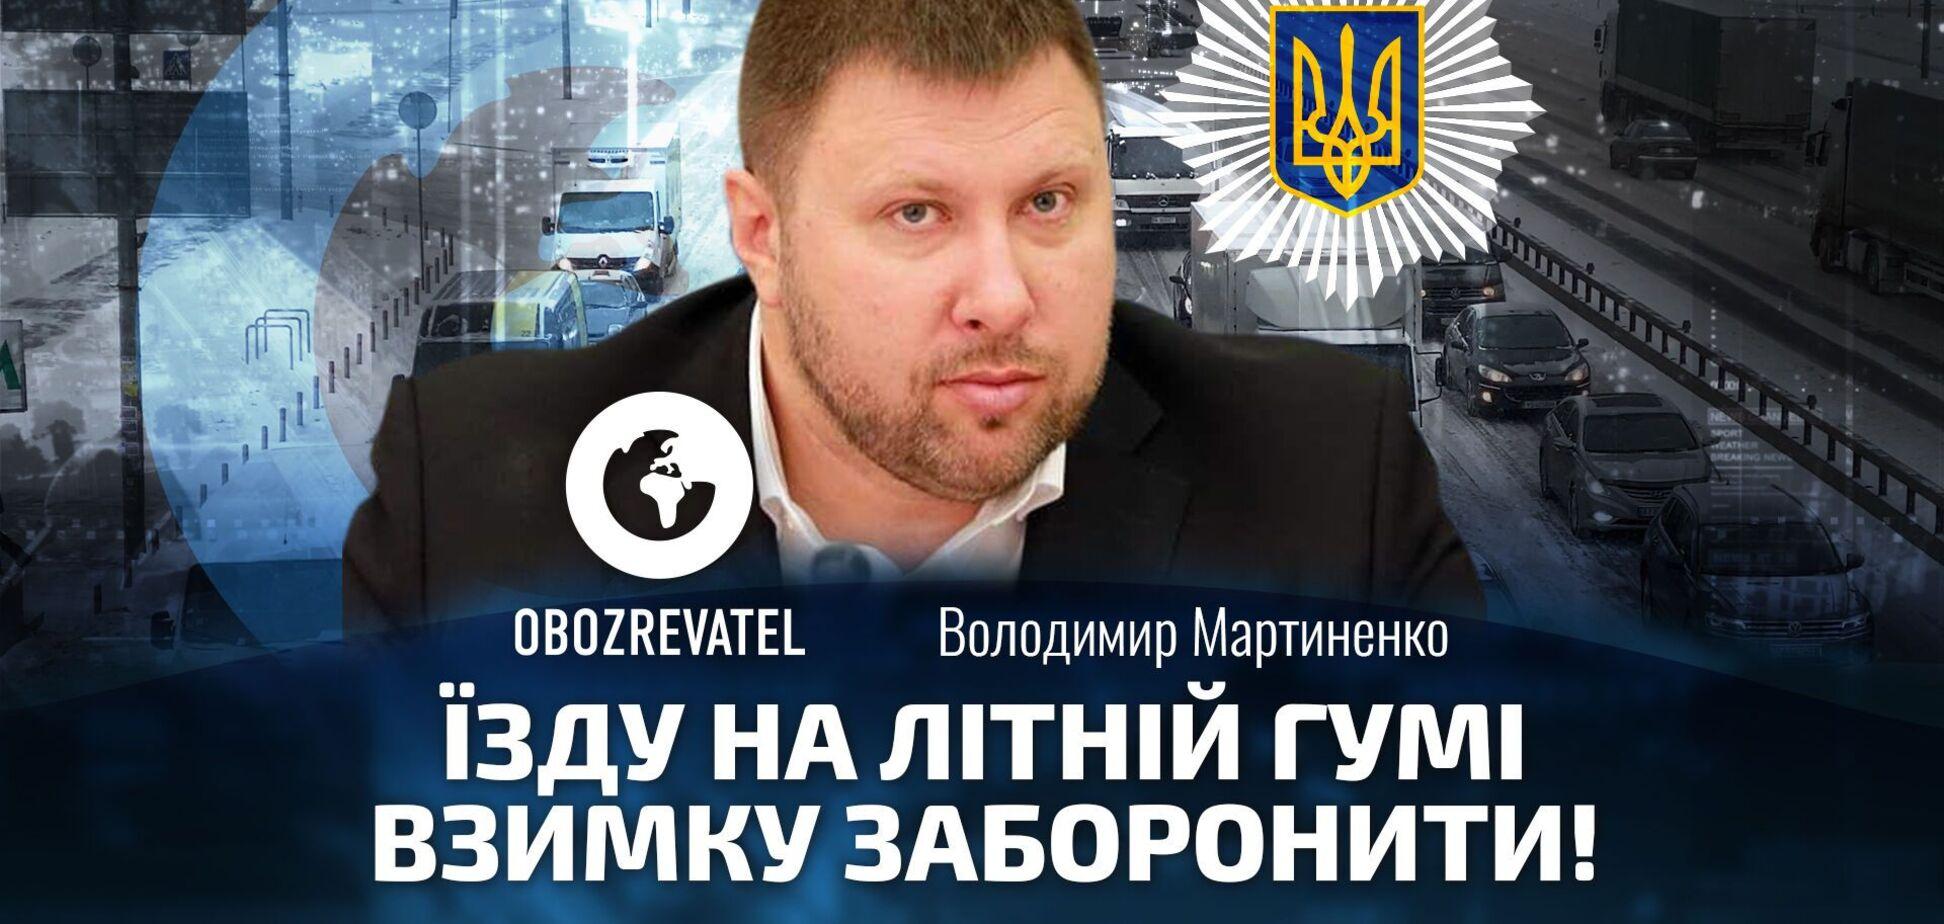 Советник главы МВД Мартыненко: оставьте авто дома